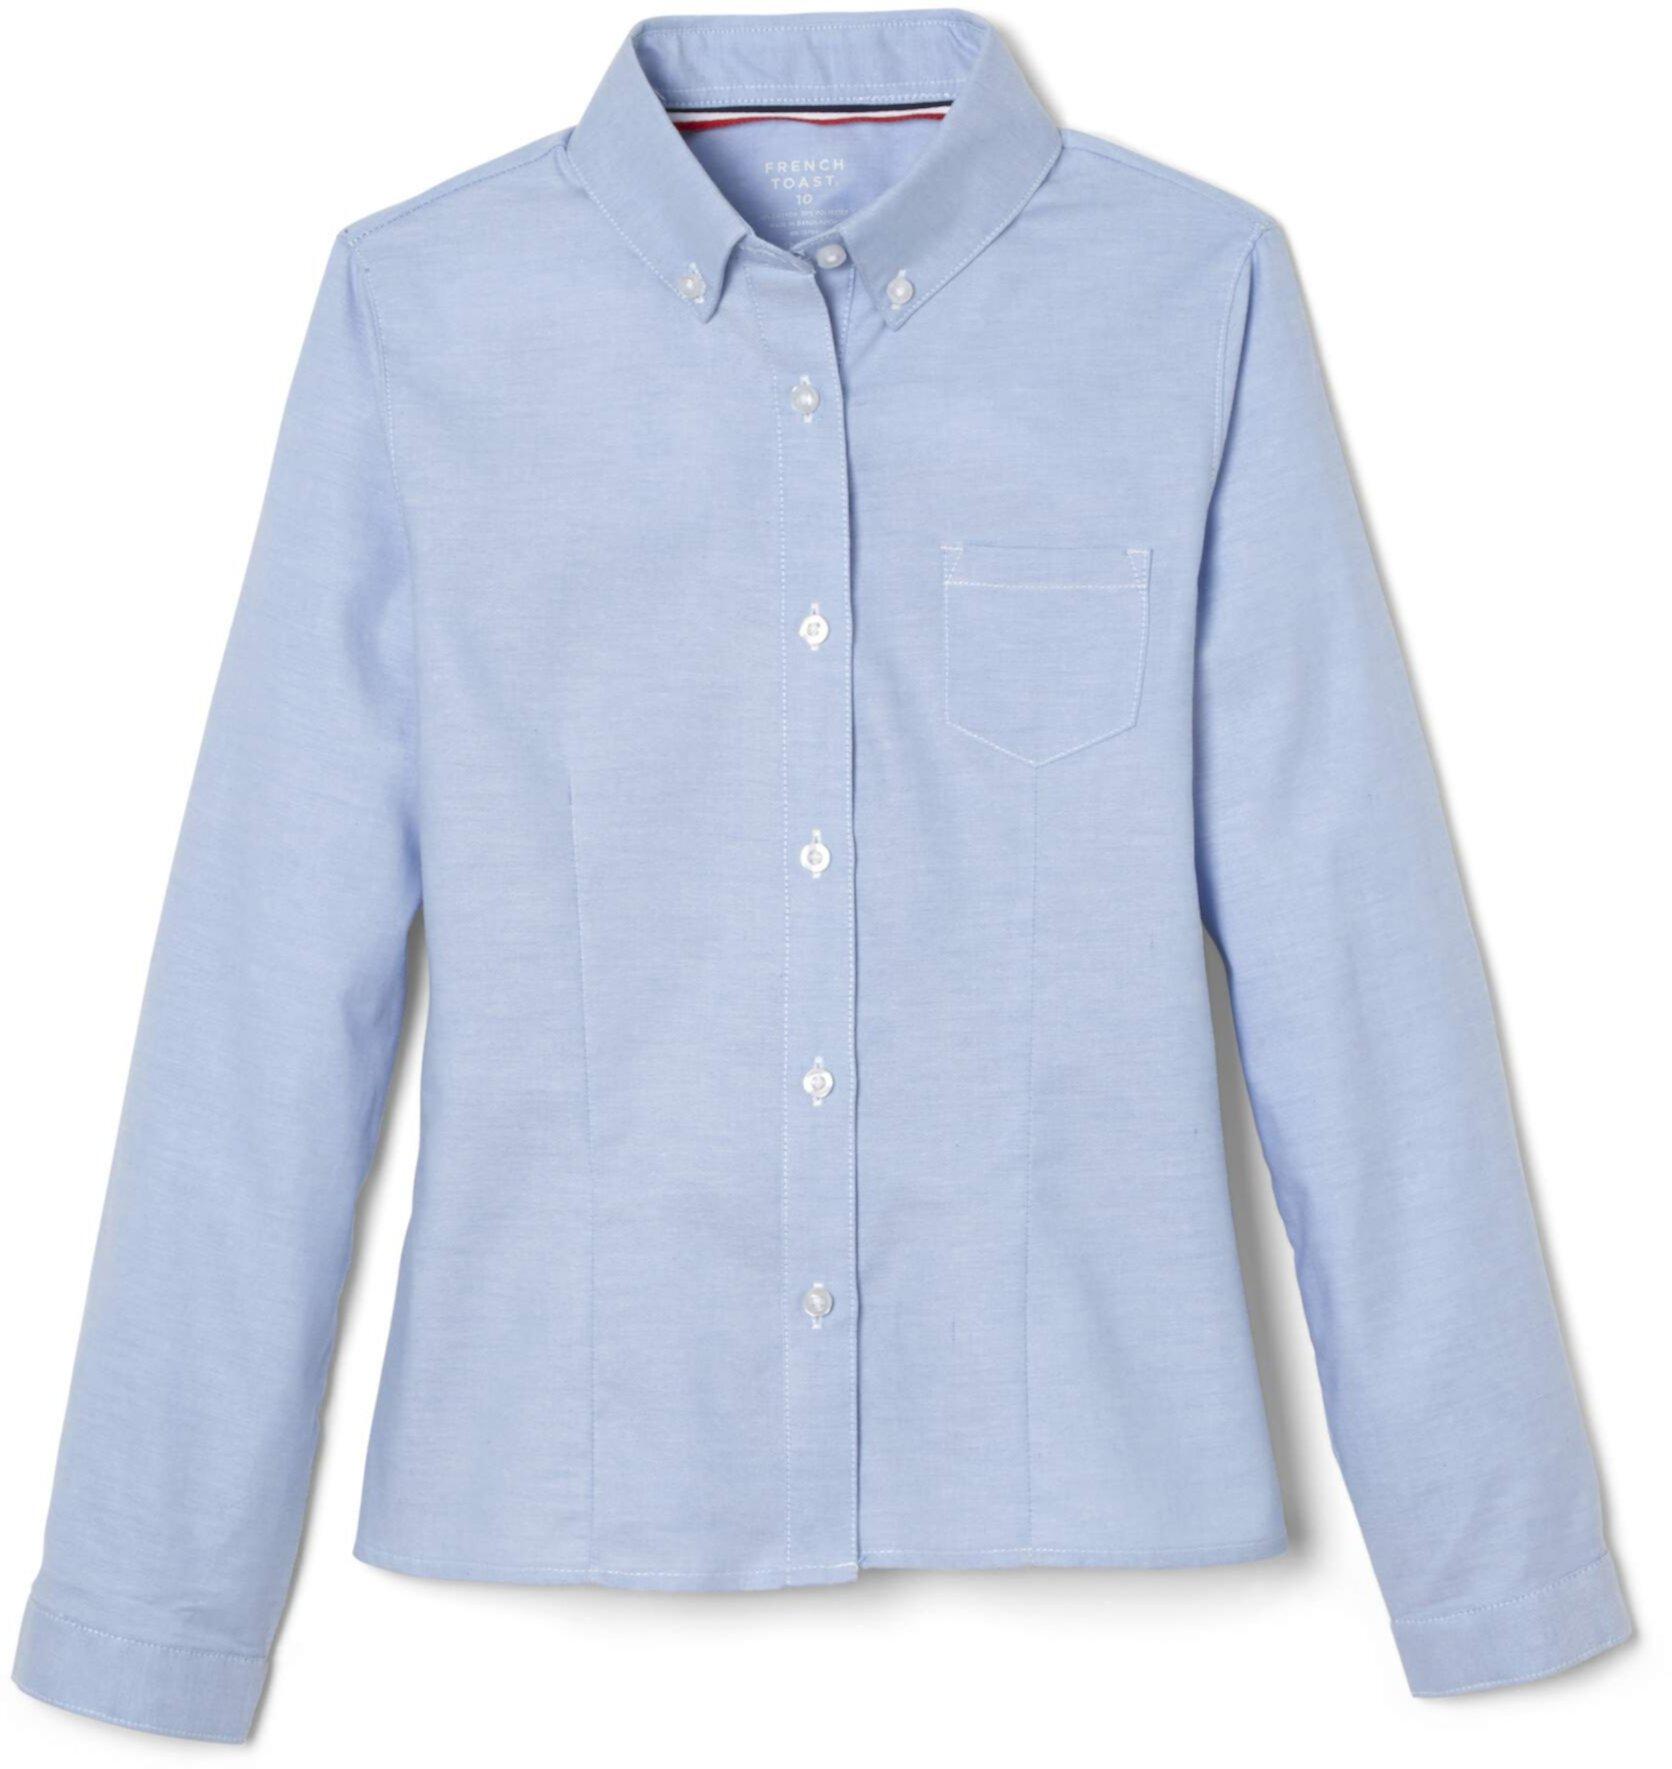 Оксфордская блузка с длинным рукавом (для маленьких / больших детей) French Toast